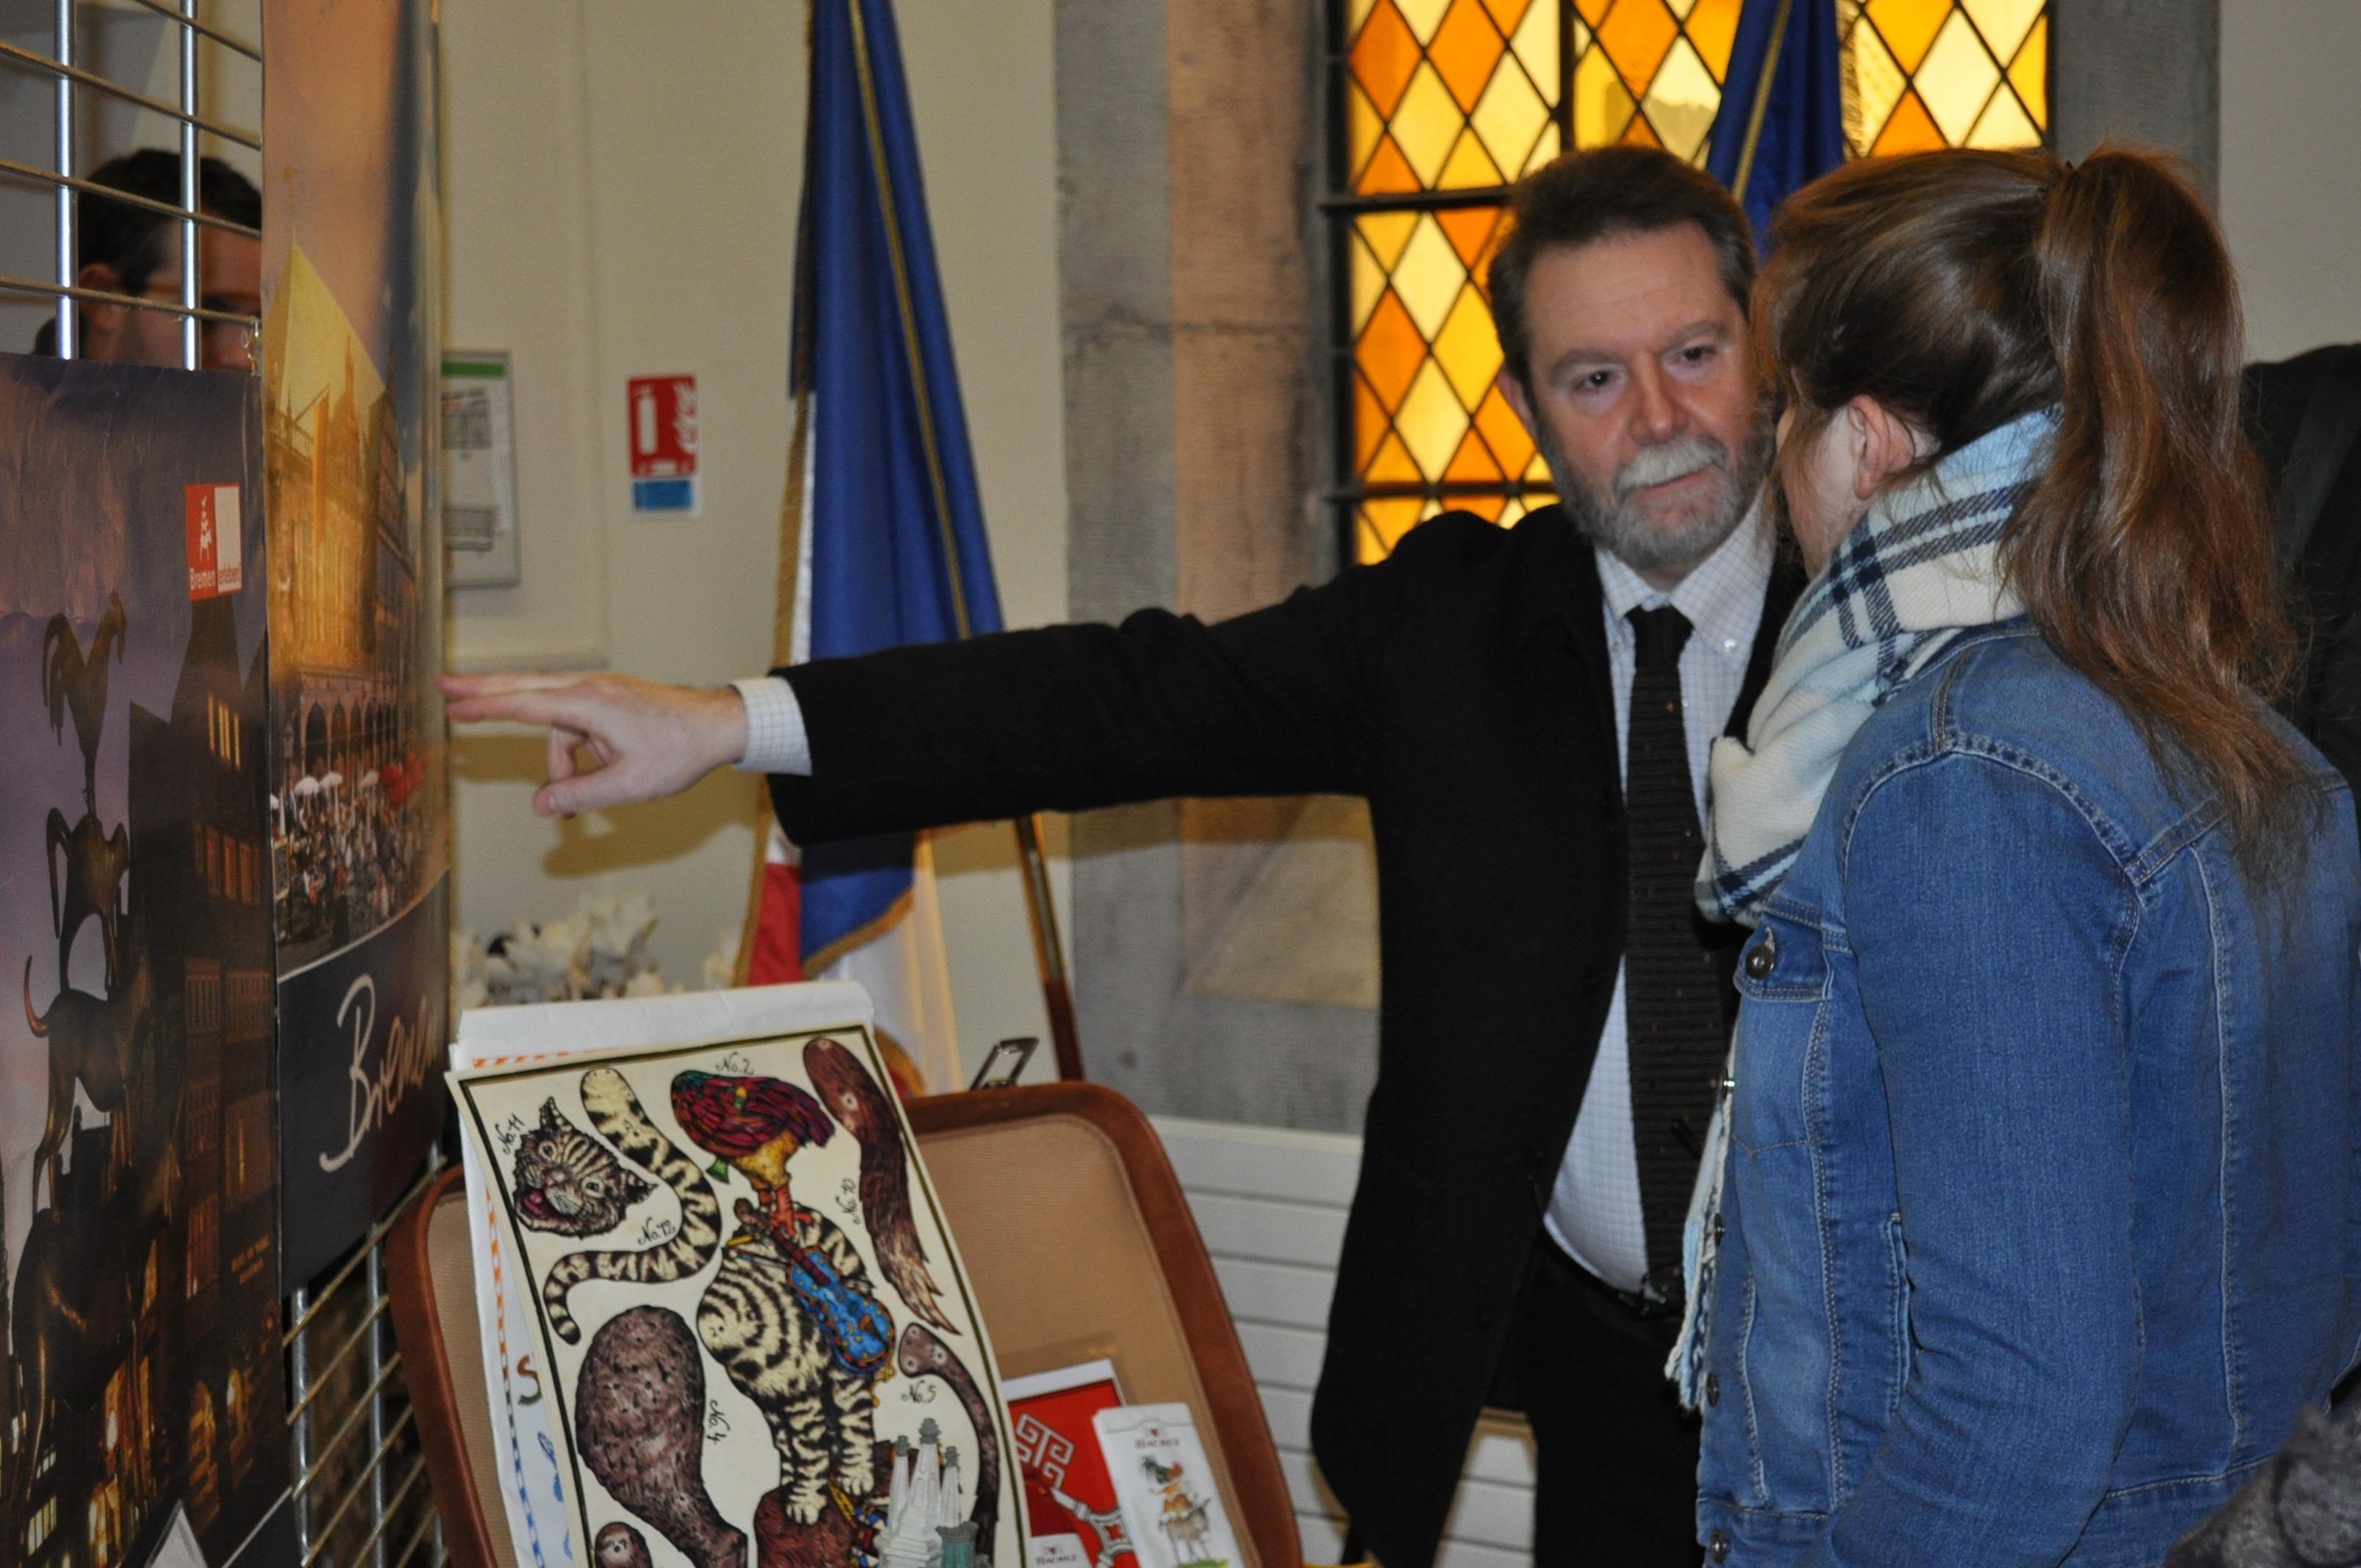 \Visite de Jean-François Chanet, recteur de l'académie de Besançon, Grand Coup de Cœur, 27 janvier 2017 à Besançon\